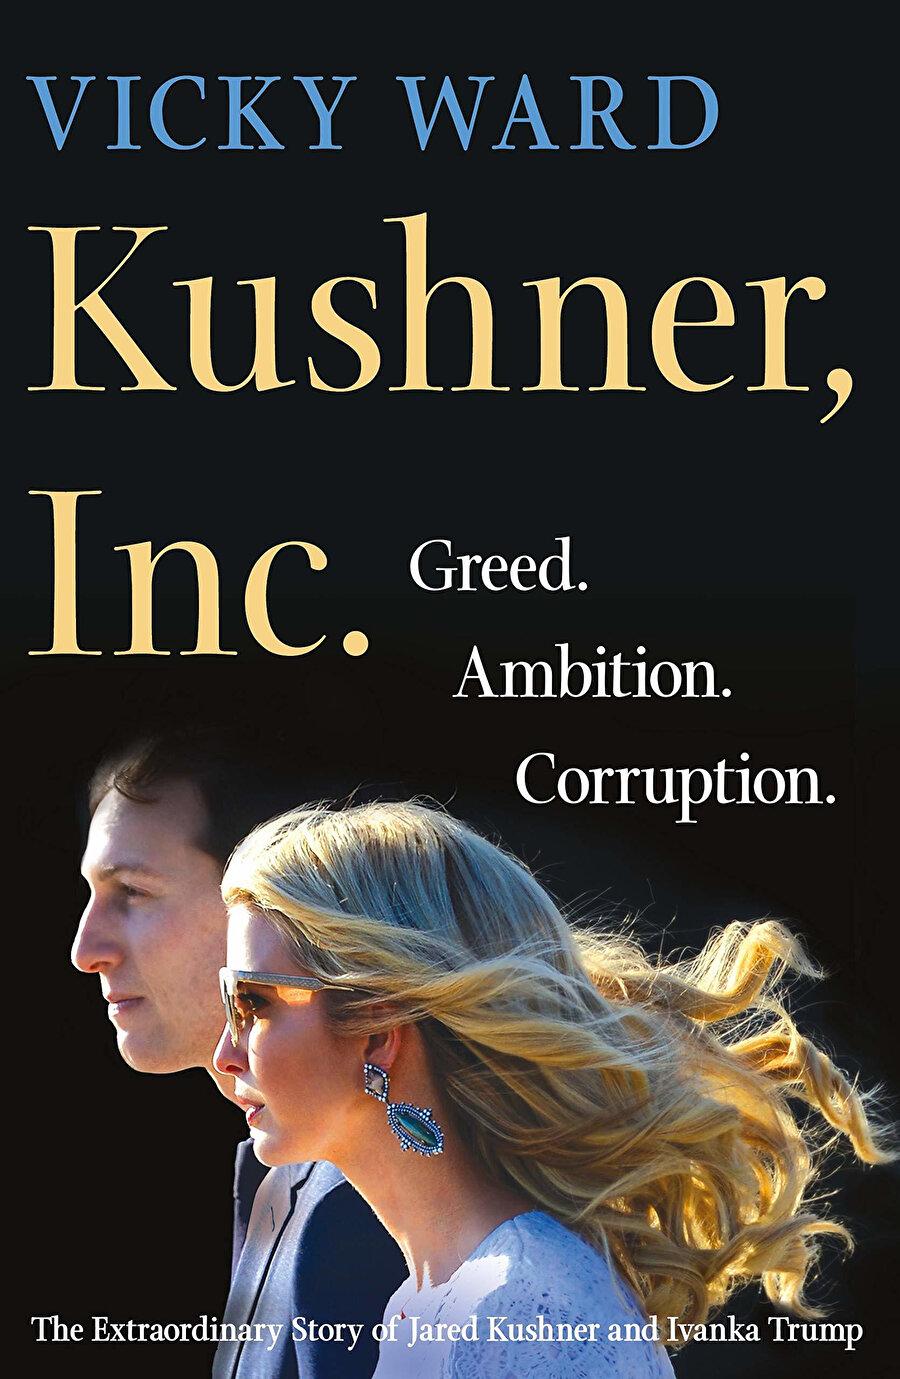 'Kushner Inc.' 19 Mart'ta raflarda yerini alacak.